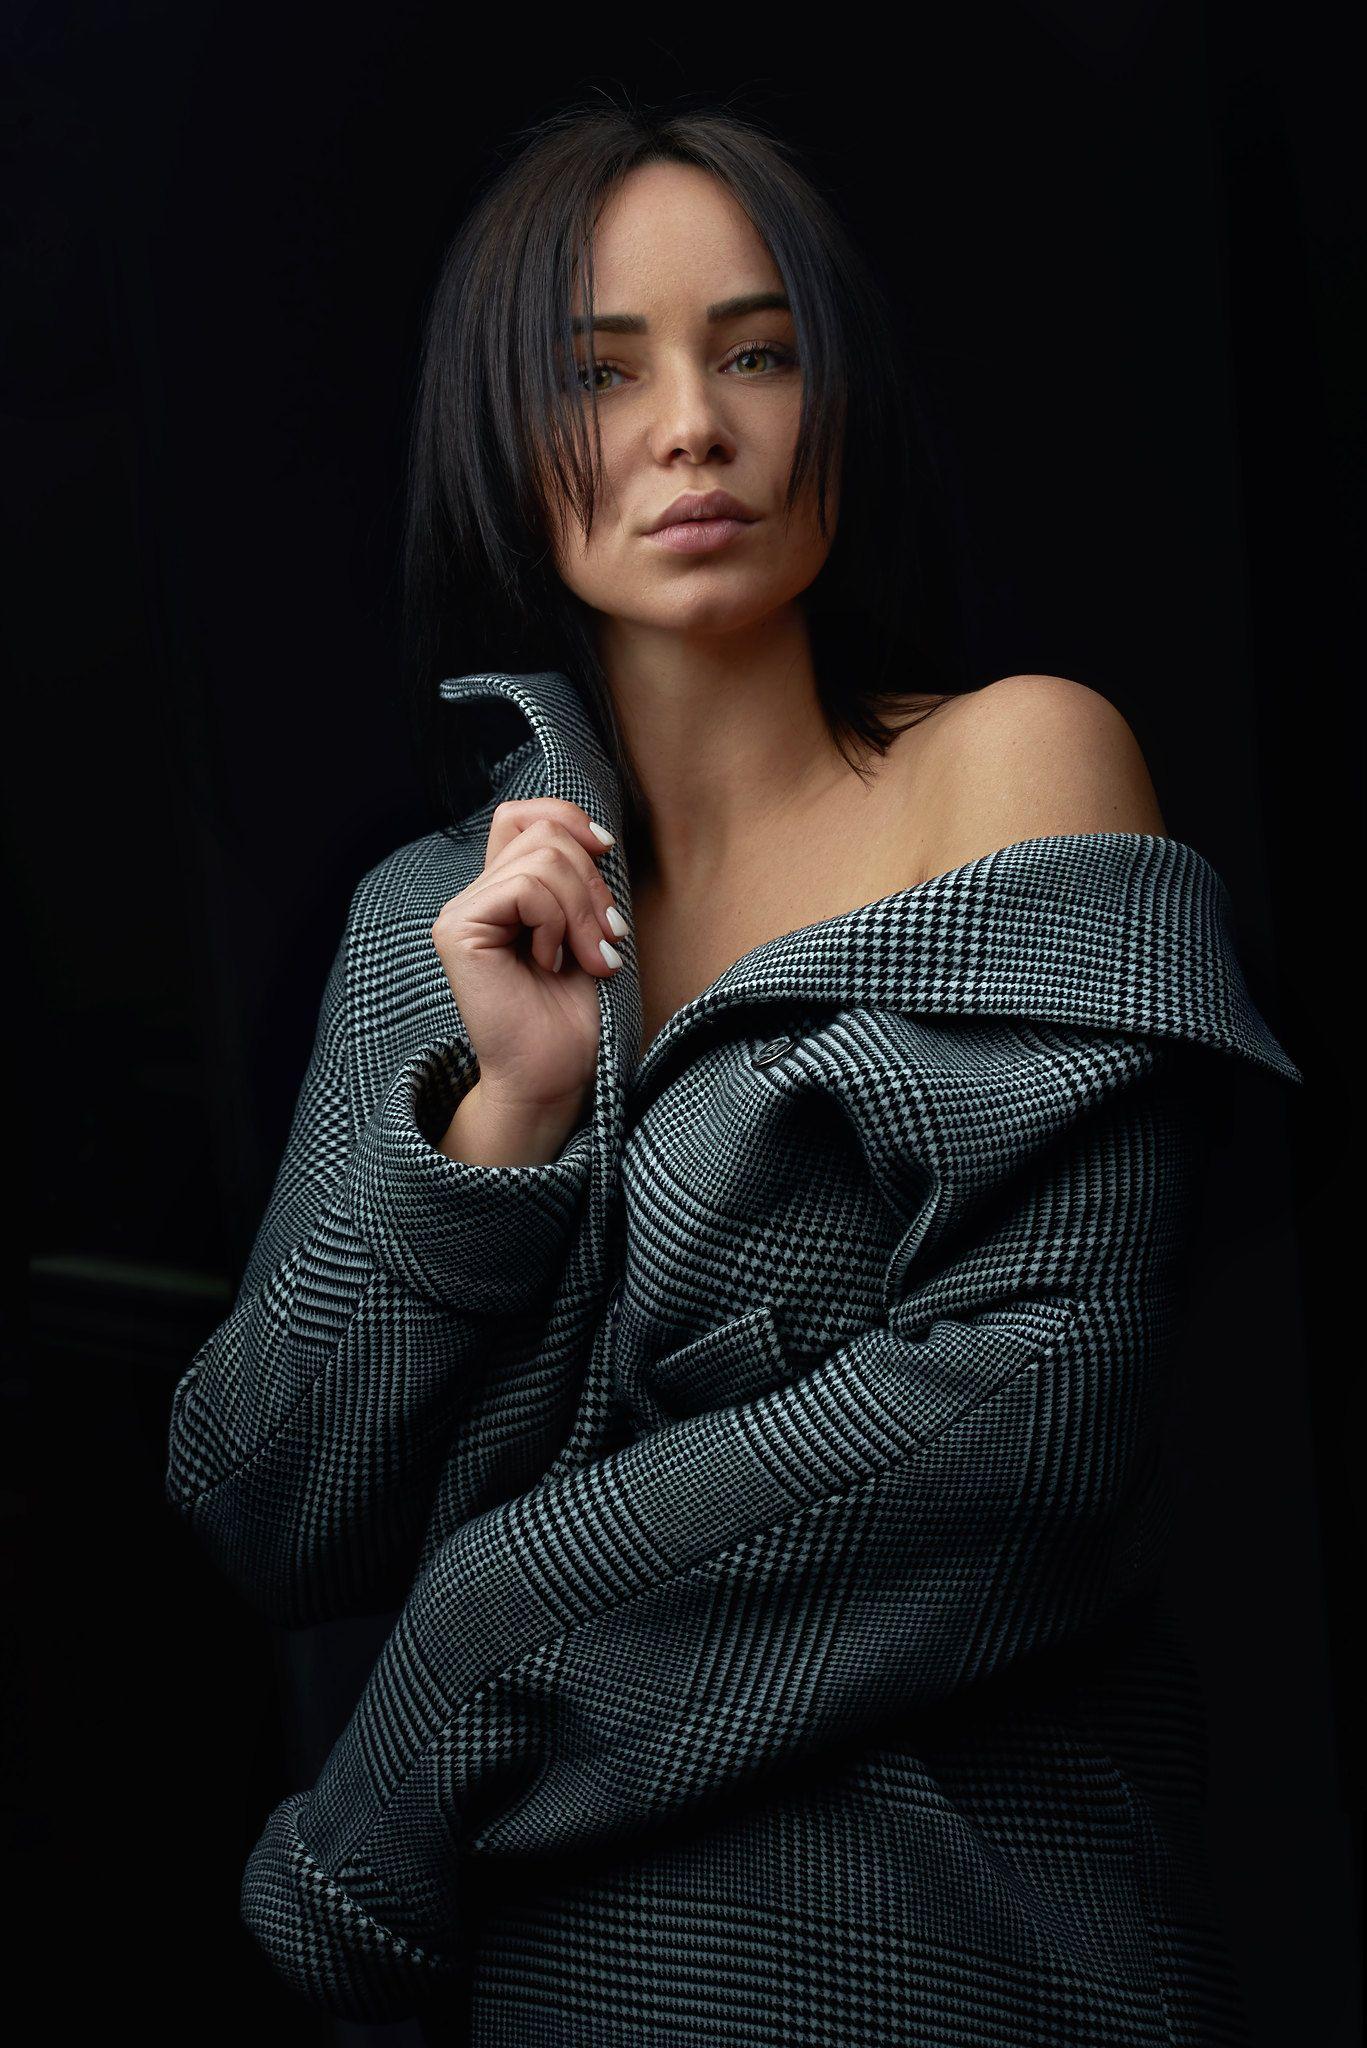 портрет девушка пальто, Каюков Артур